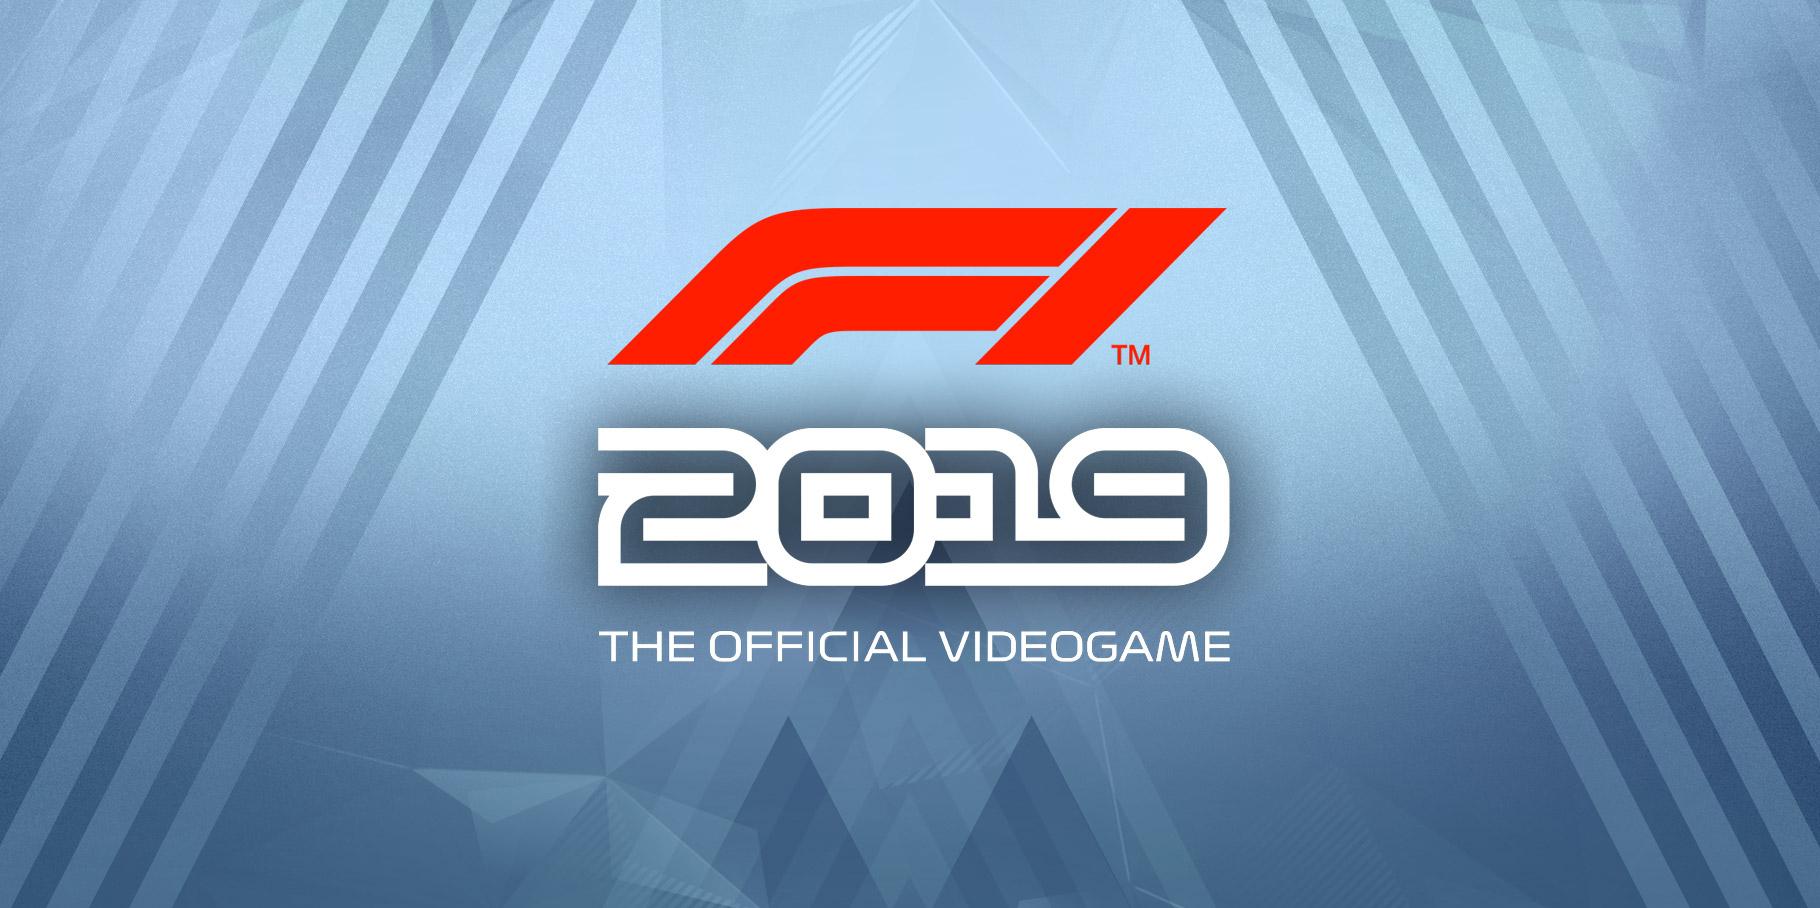 F1 2019 Gratuit, Telecharger, Jeu, Crack | Jeux Telecharger concernant Jeu De Difference Gratuit